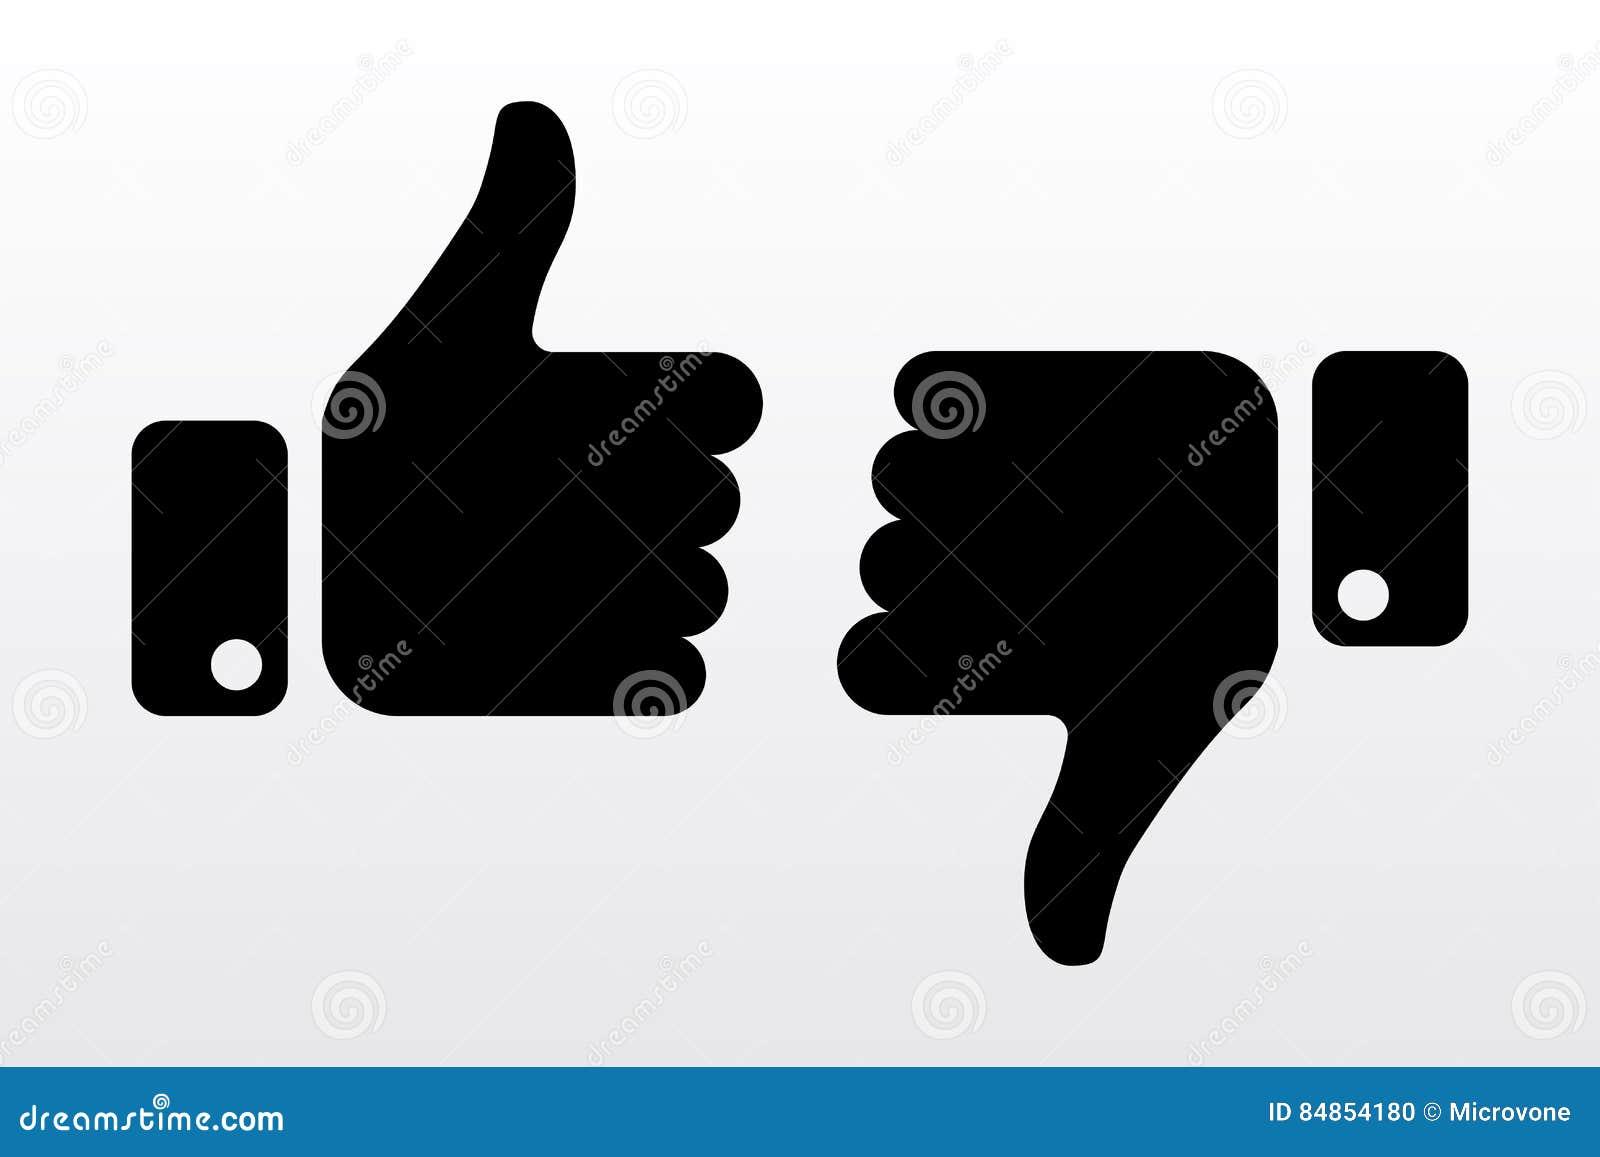 Αντίχειρες πάνω-κάτω, όπως τα εικονίδια απέχθειας για το κοινωνικό δίκτυο